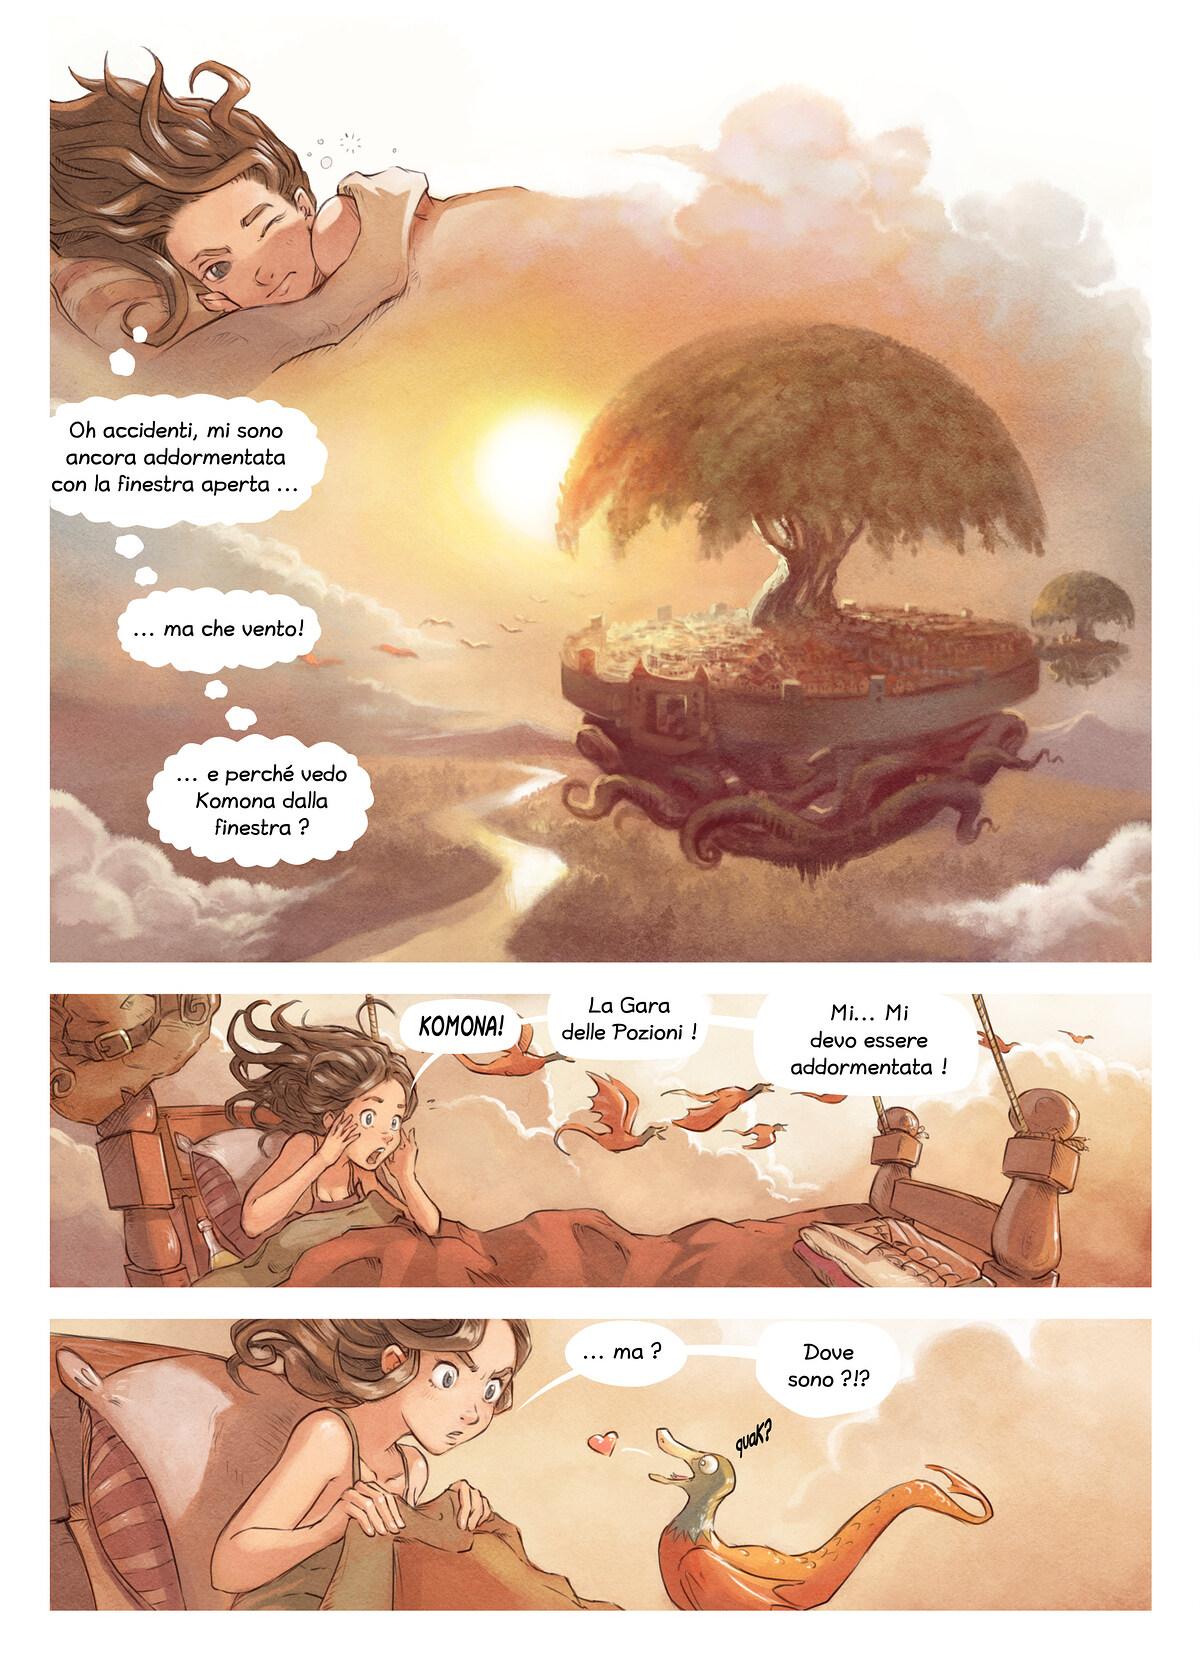 Episodio 6: La Gara delle Pozioni, Page 1